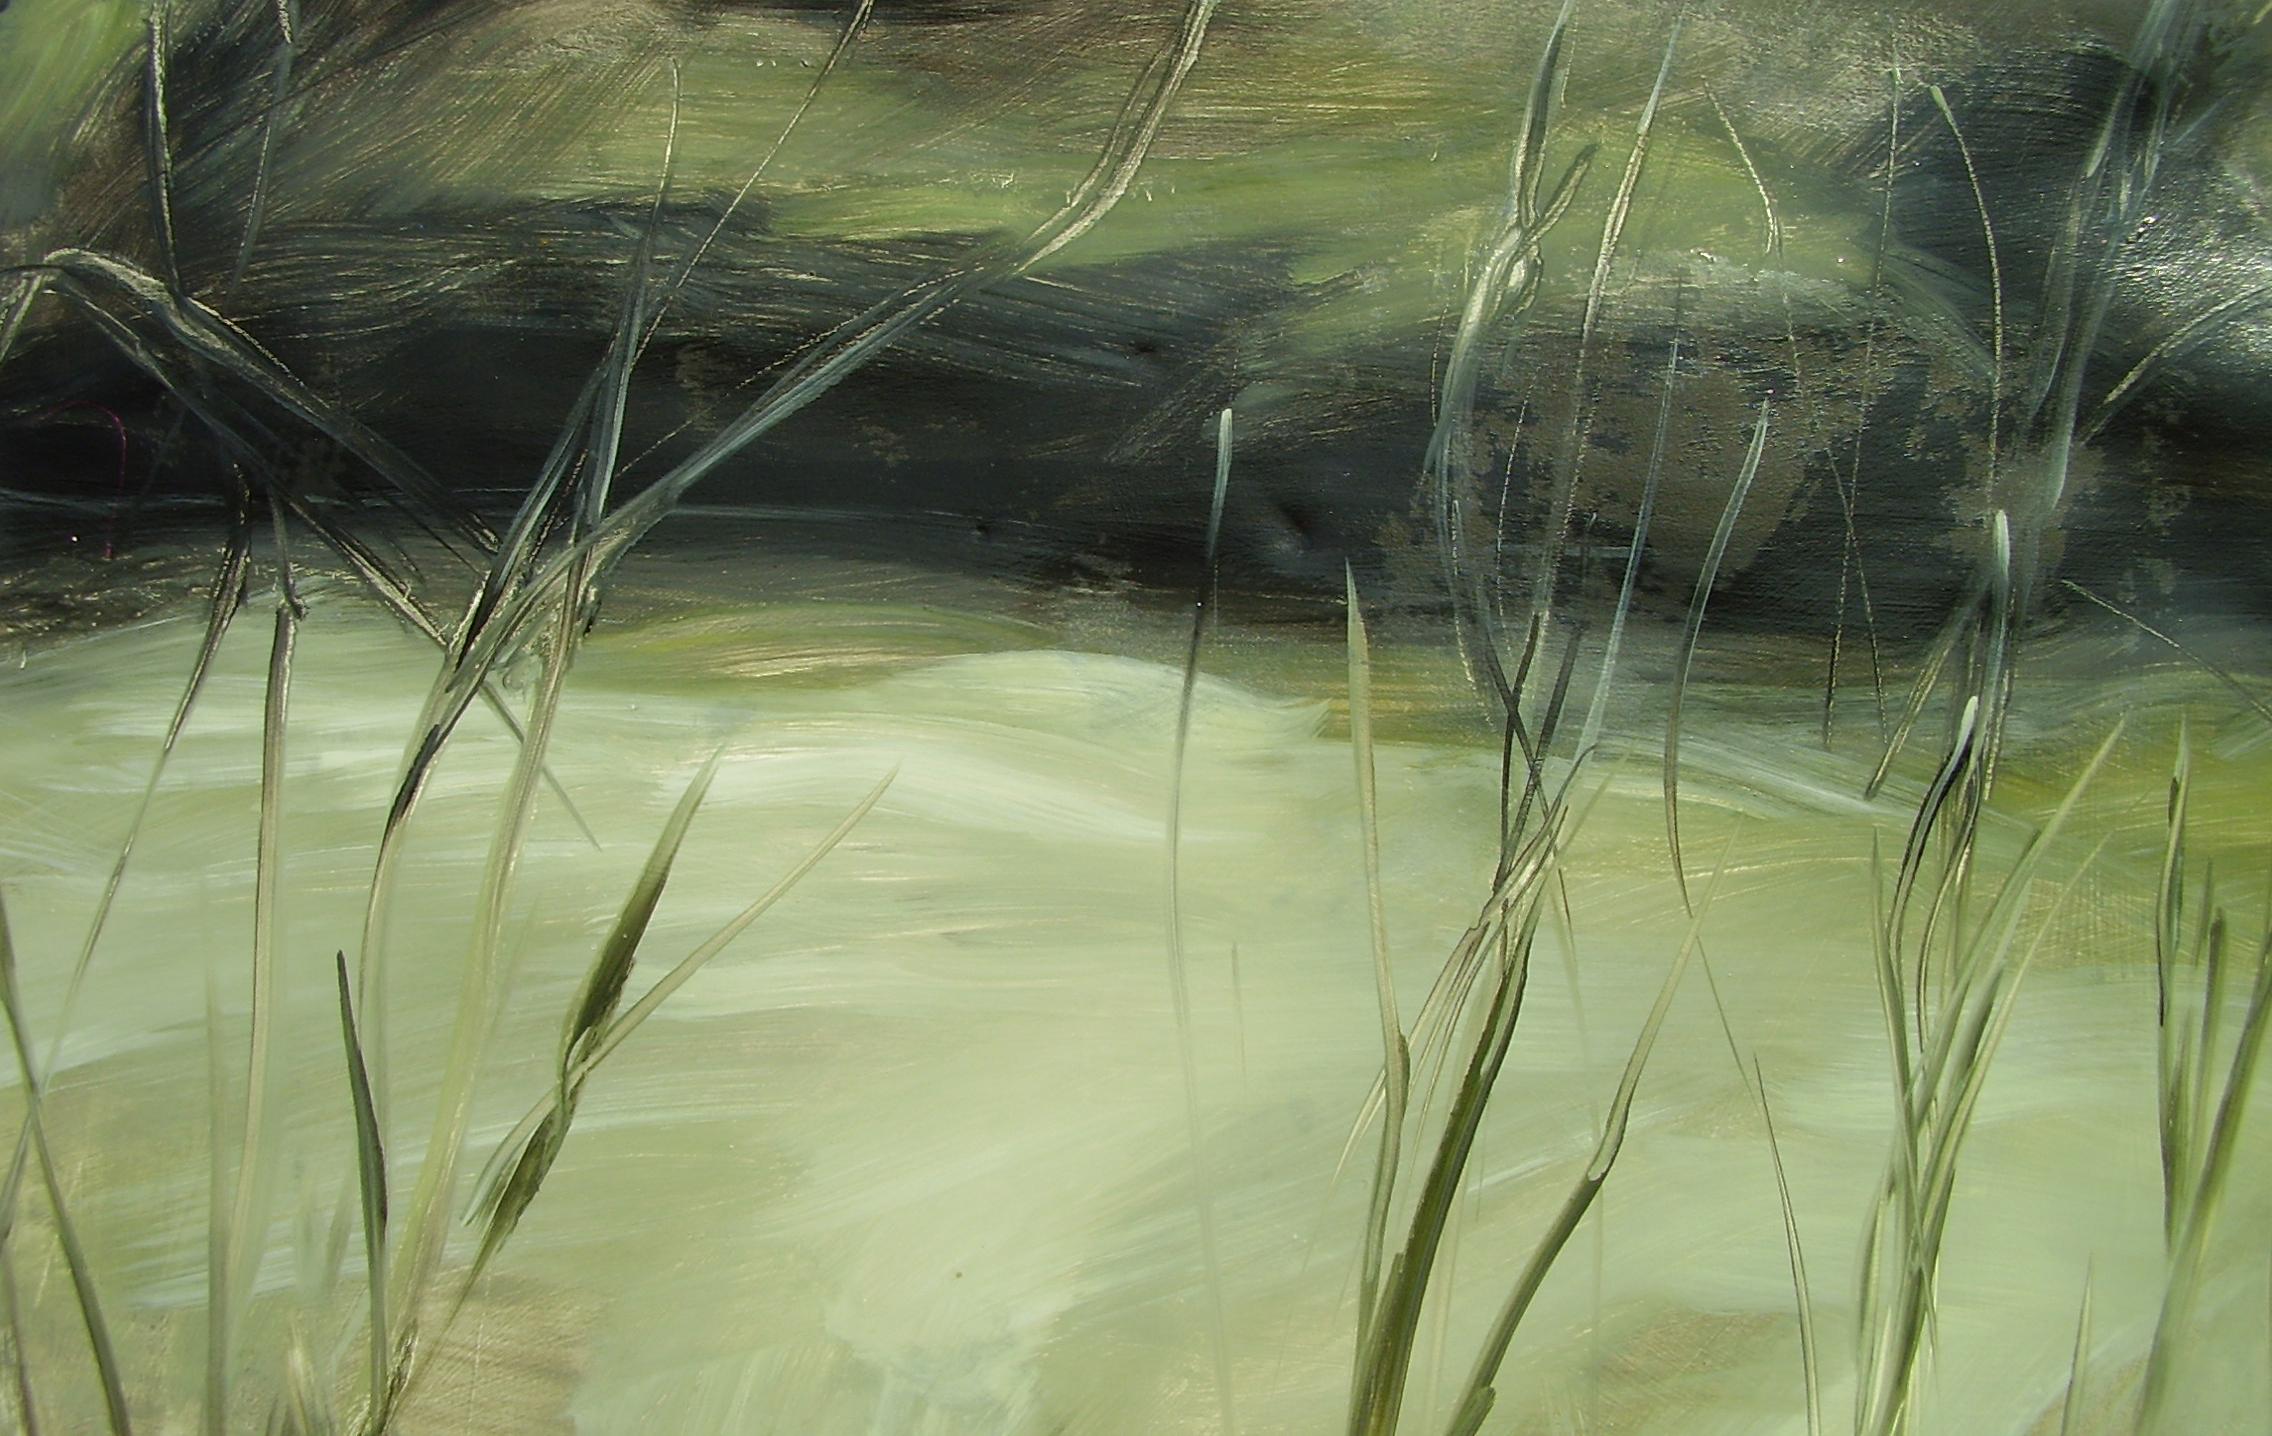 Cordgrass Fields by Susanne Vincent